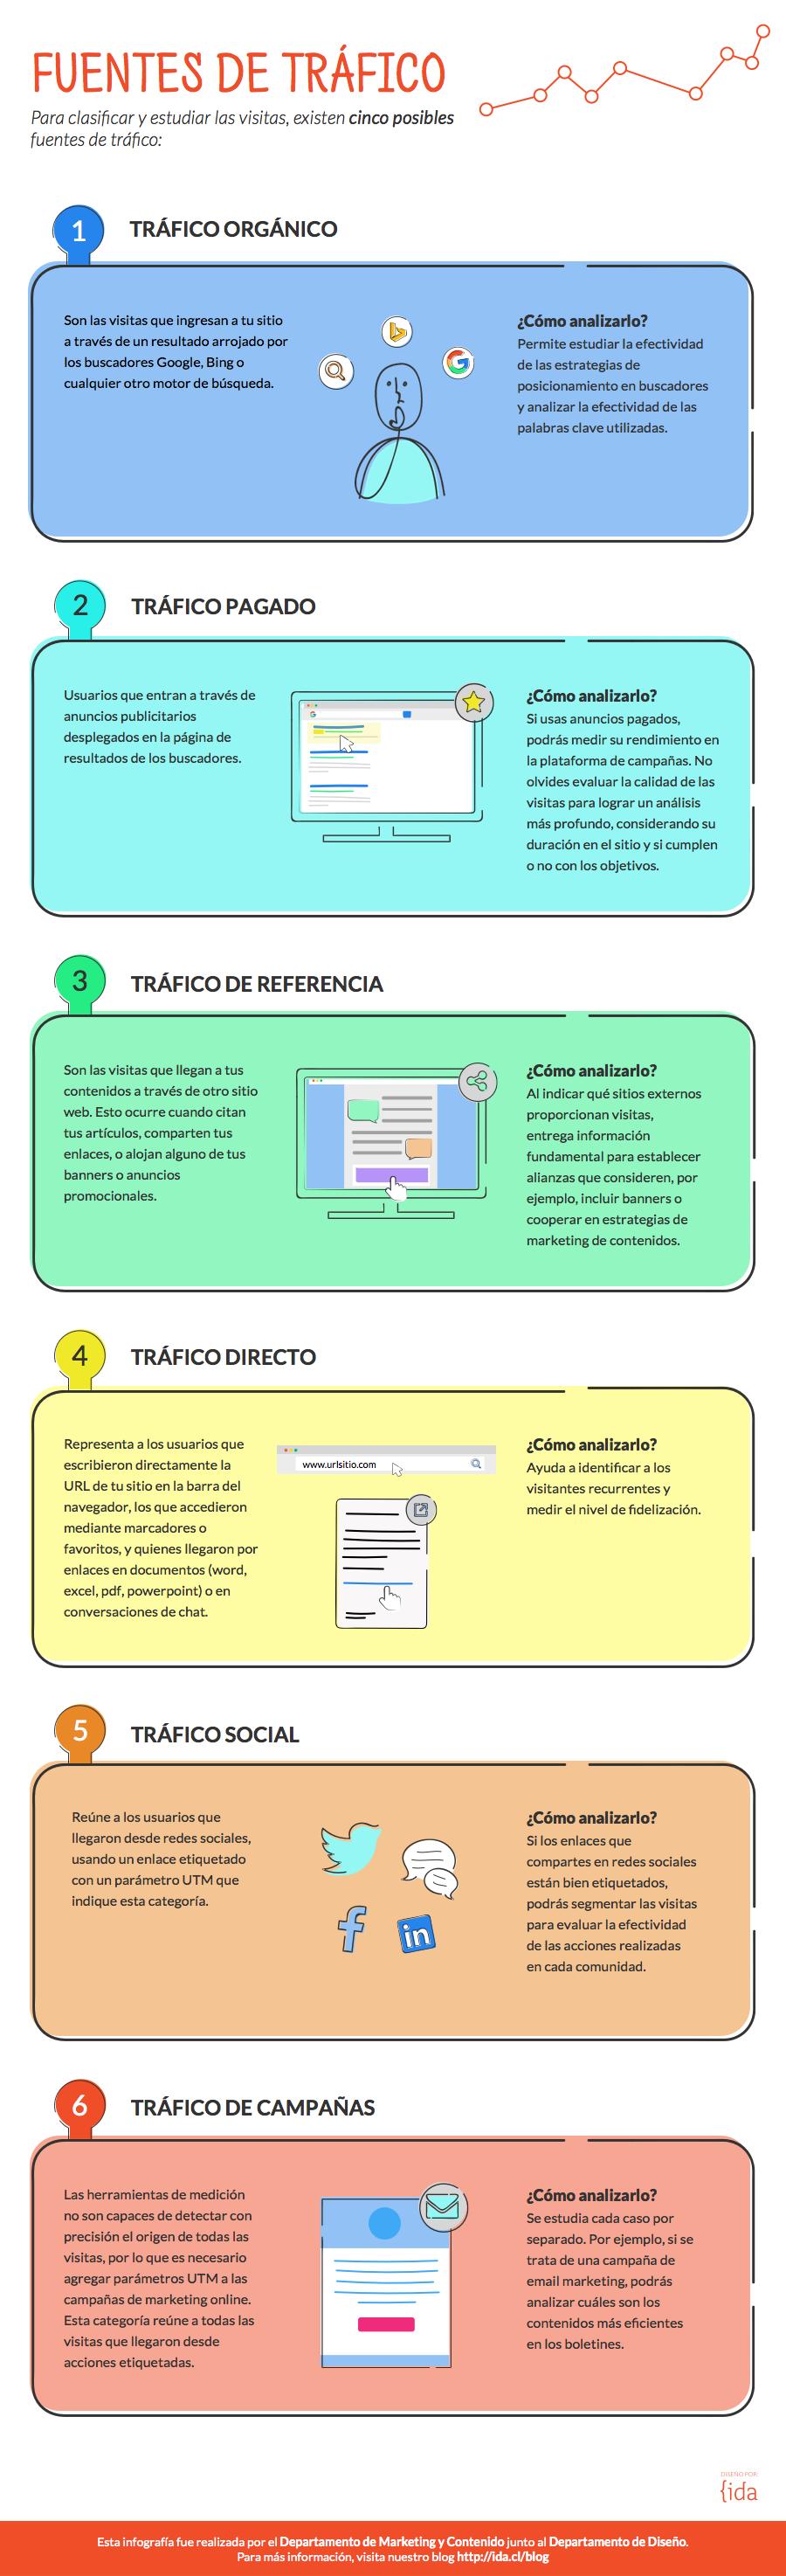 infografía fuentes de tráfico